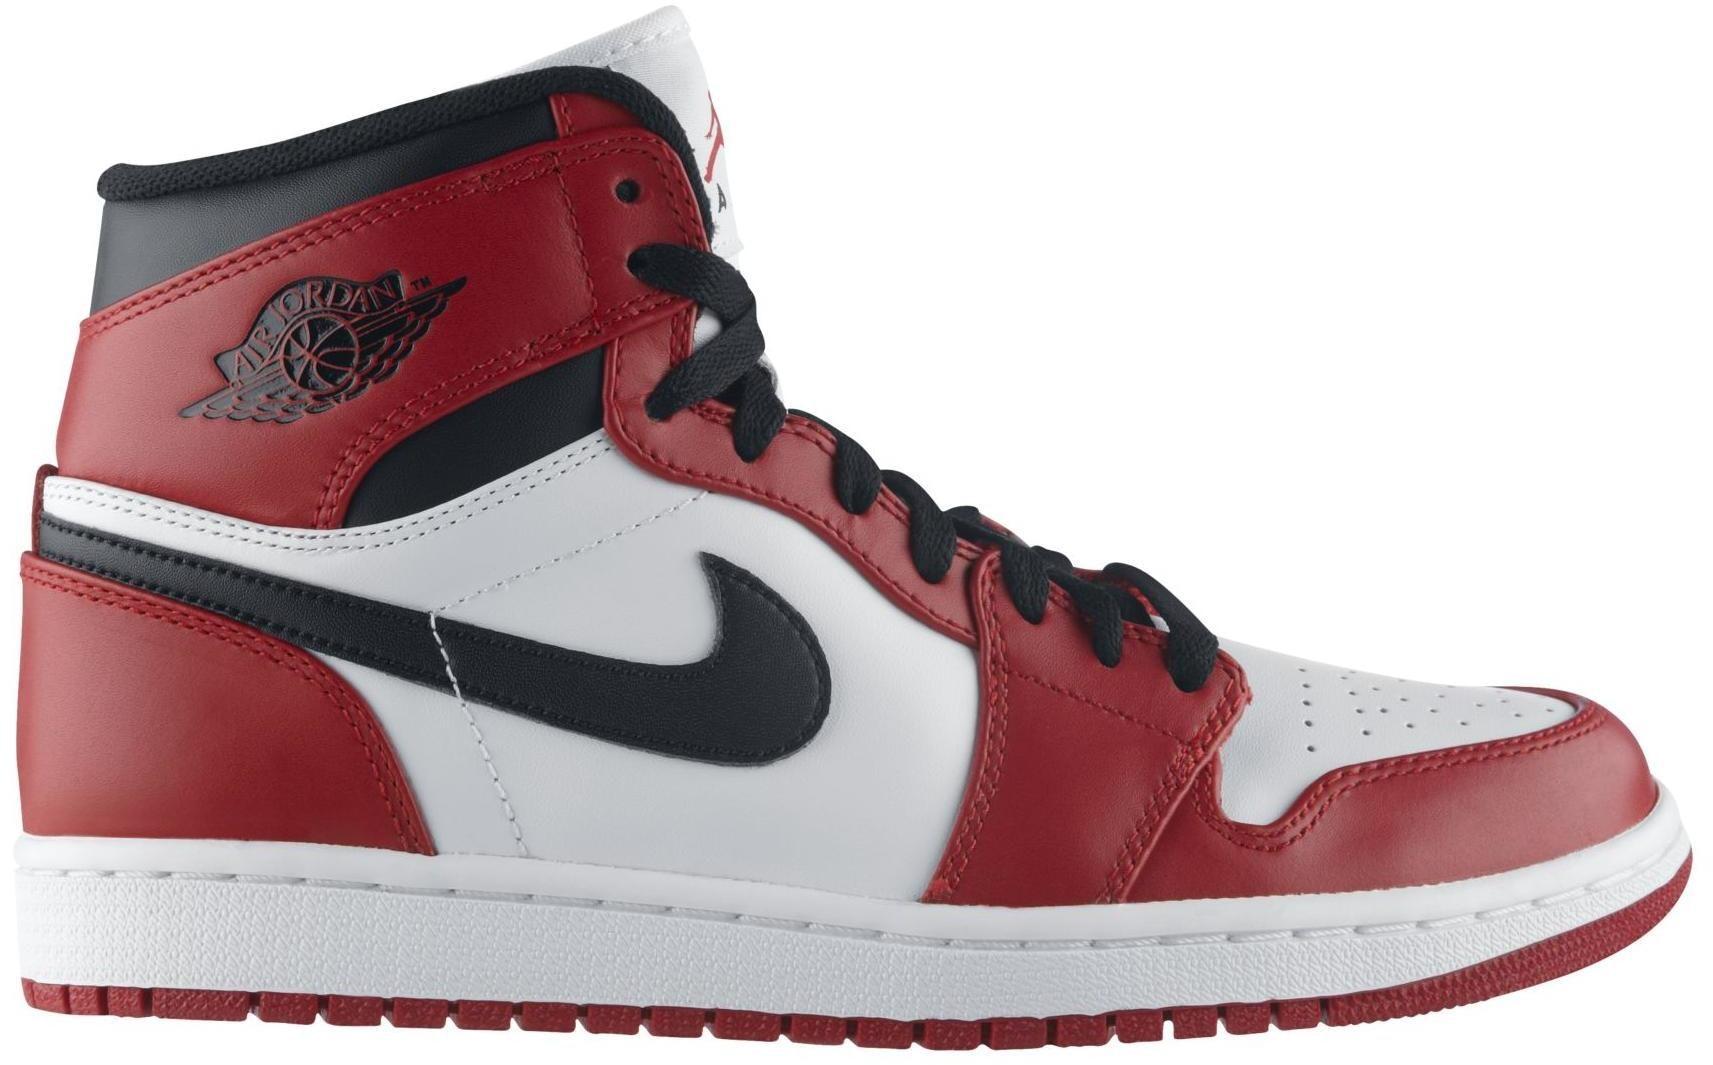 Jordan 1 Retro Chicago (2013)